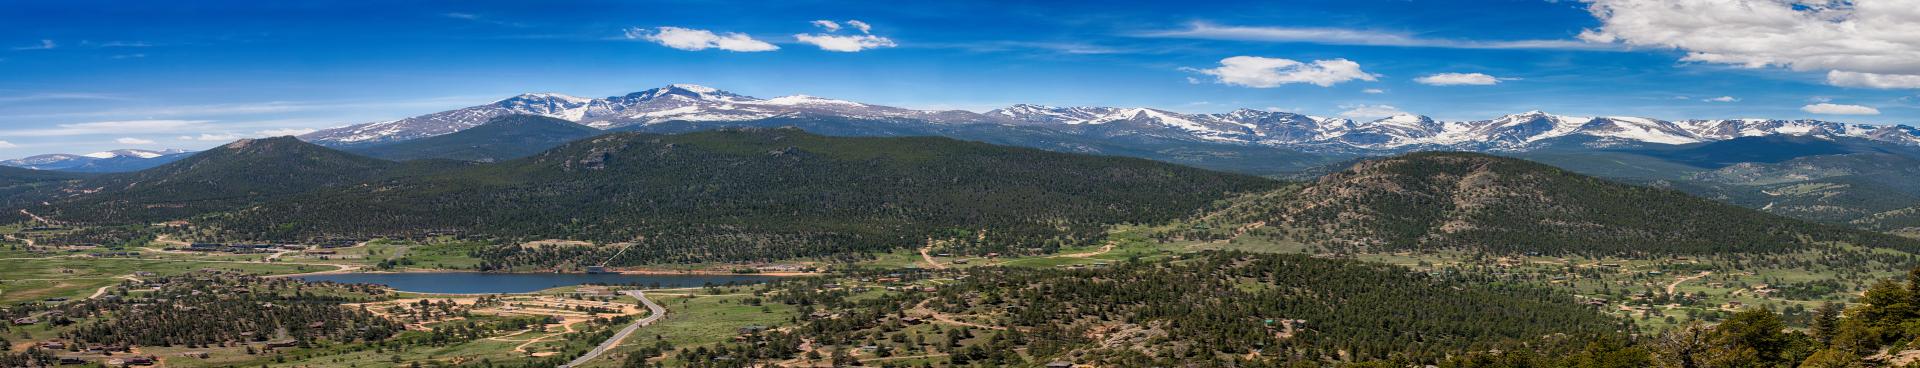 Colorado Panoramic resized